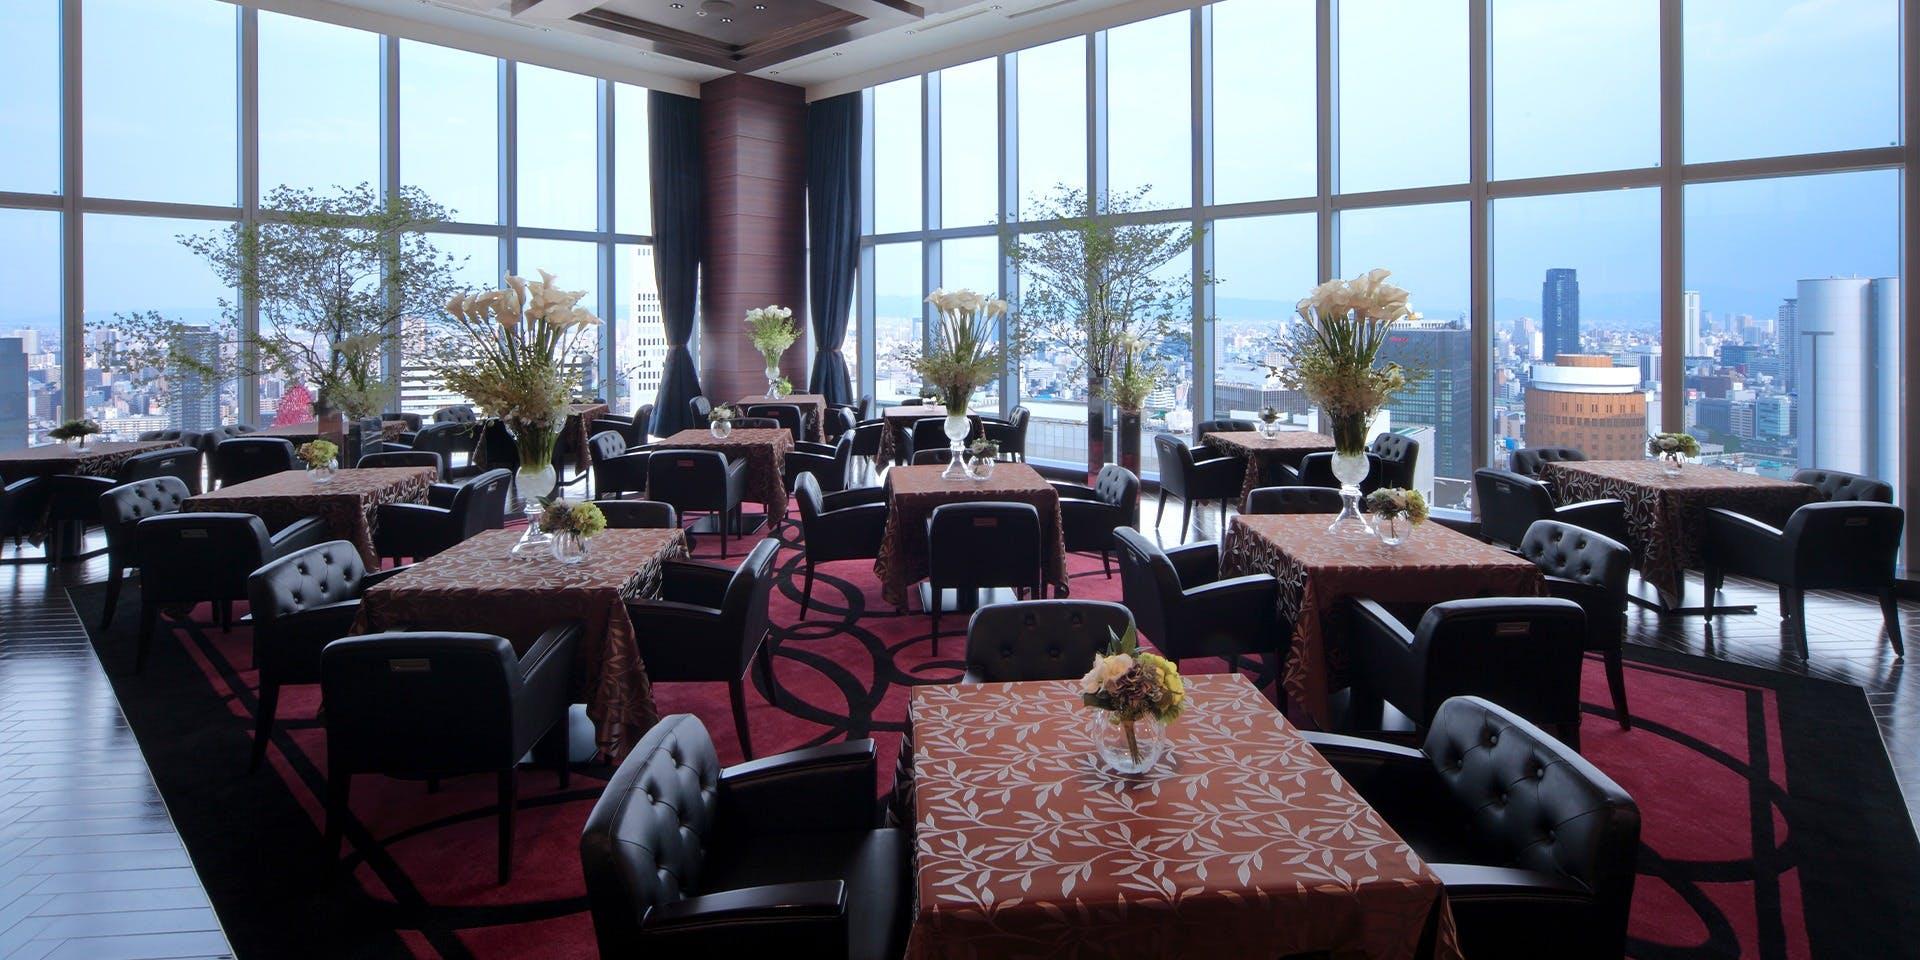 記念日におすすめのレストラン・ラグナヴェール プレミア/大阪ステーションシティ最上階(28F)の写真1